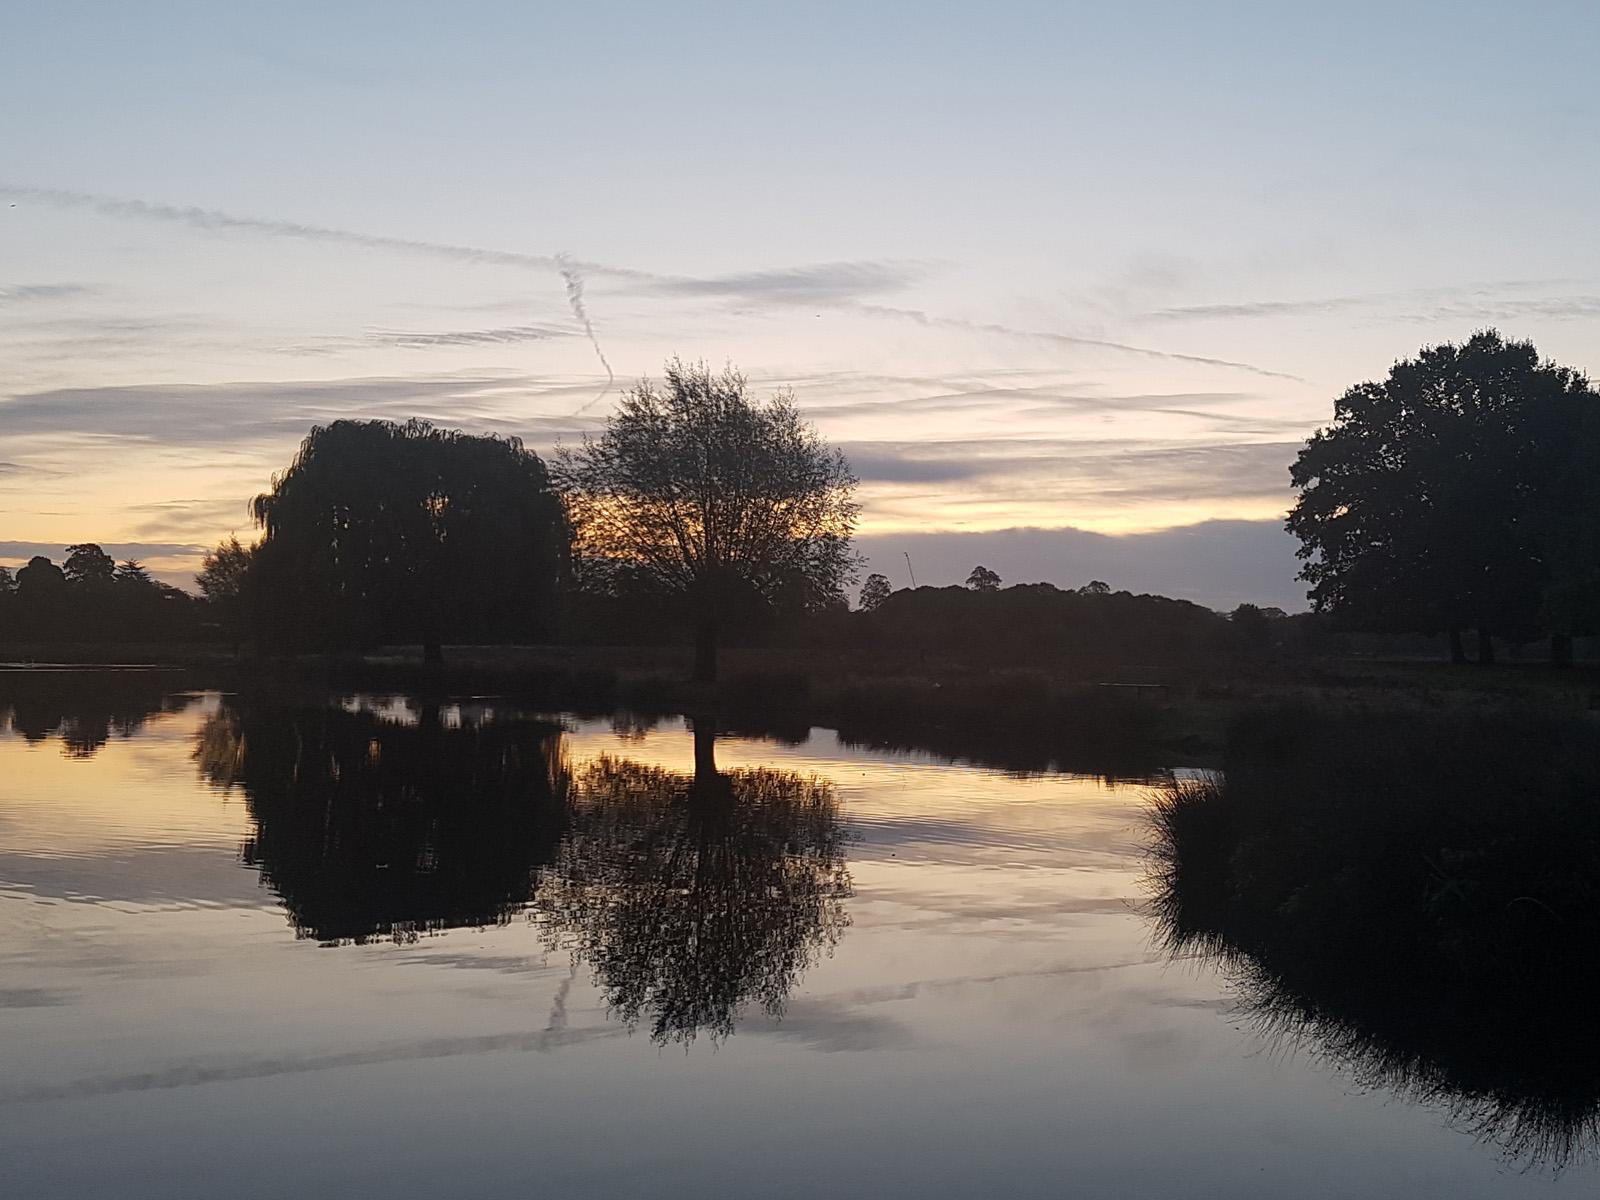 a calm reflection